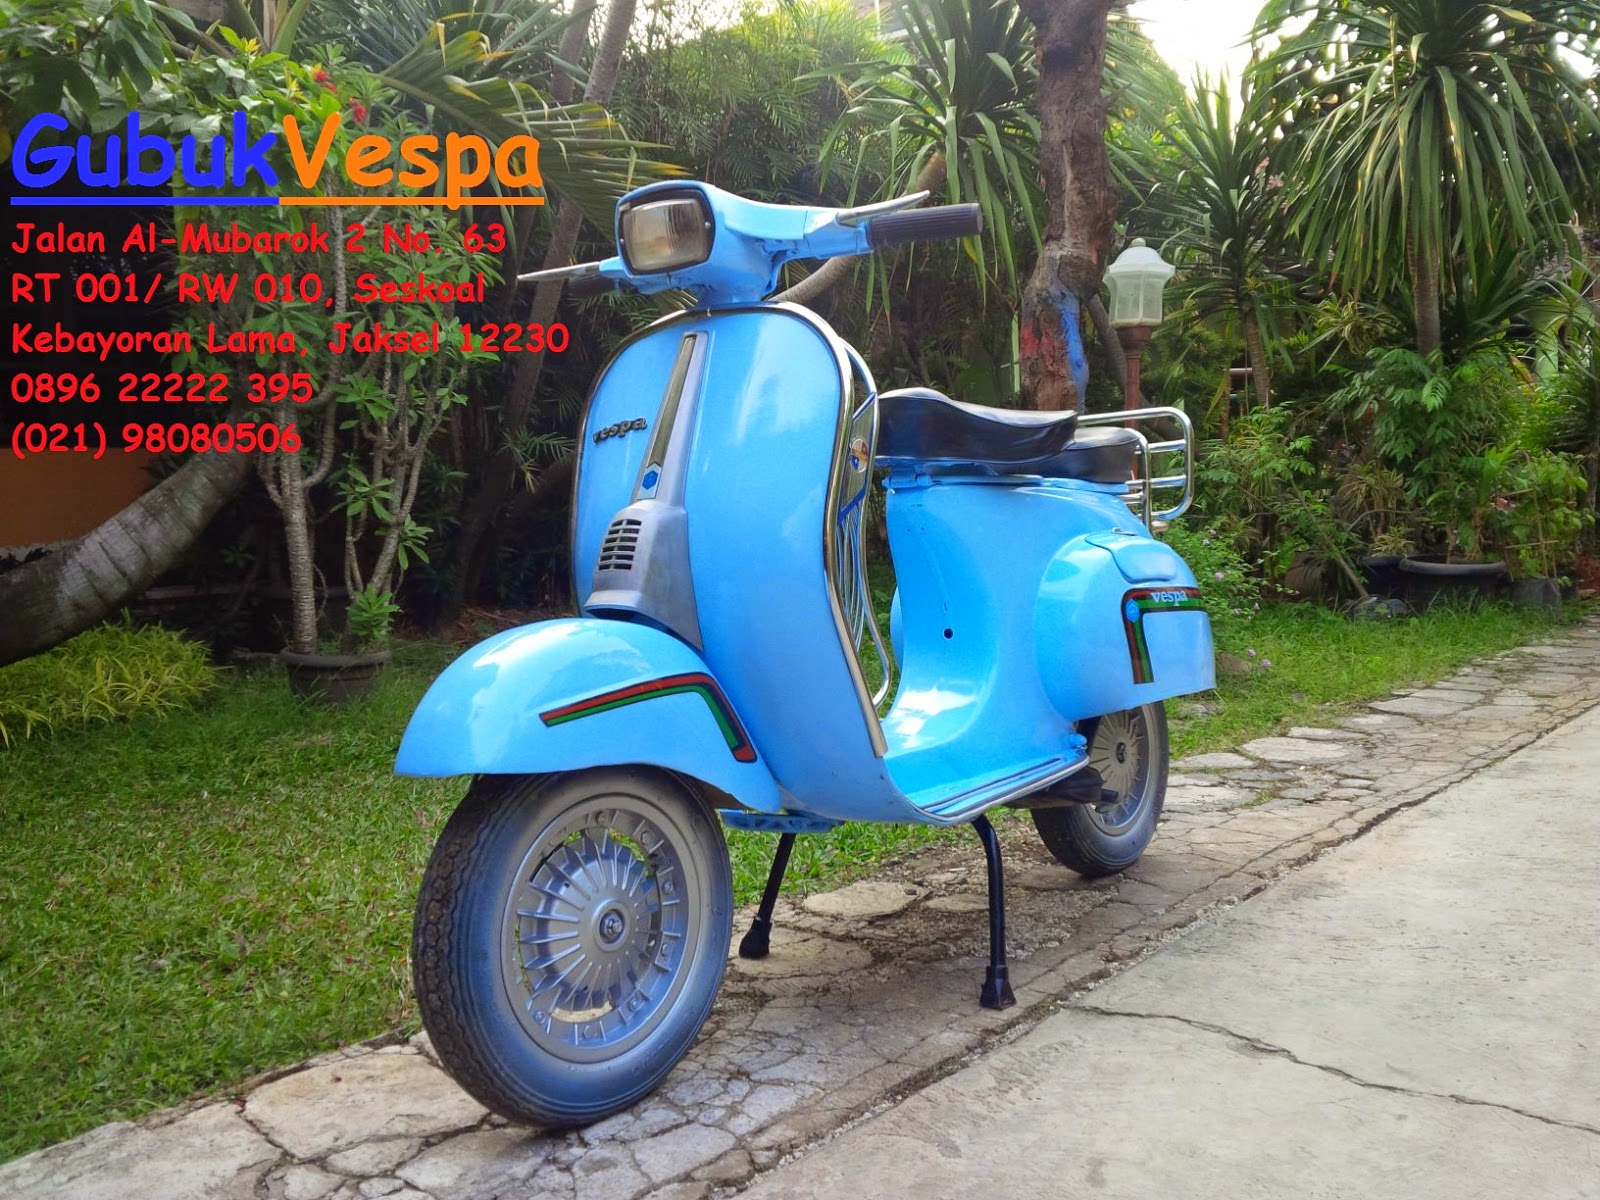 Kumpulan 73 Modifikasi Motor Vespa Pts Terkeren Cermin Spion Antik 1983 Jakarta Lapak Mobil Dan Bekas